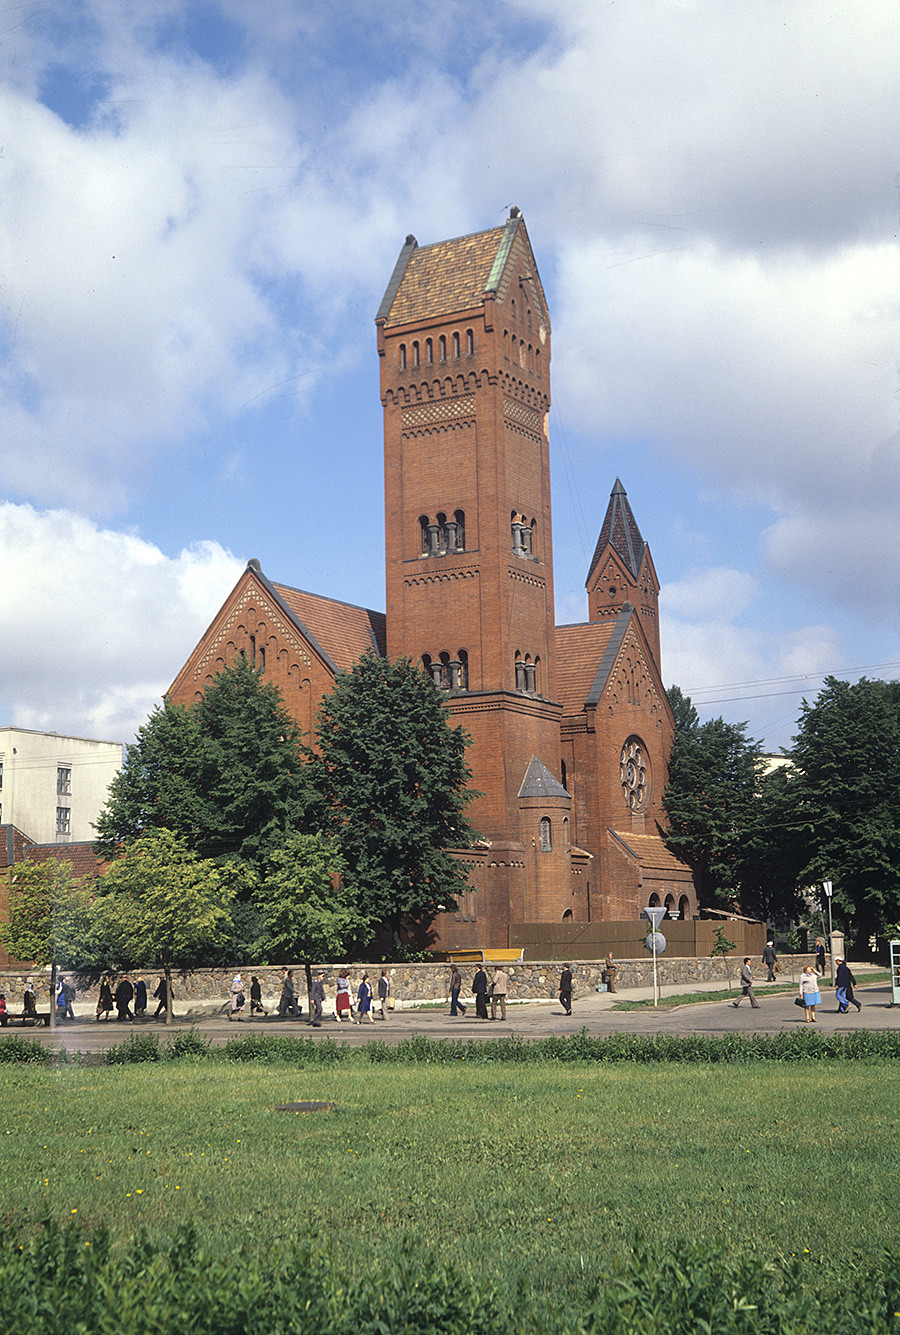 ミンスクの赤い教会(聖シメオン・聖エレーナ教会)は1905年に建立された。ソ連時代には映画館にされ、それから映画人会館と映画博物館になった。ソ連崩壊後、教会としての役割を取り戻した。写真は1983年の様子。